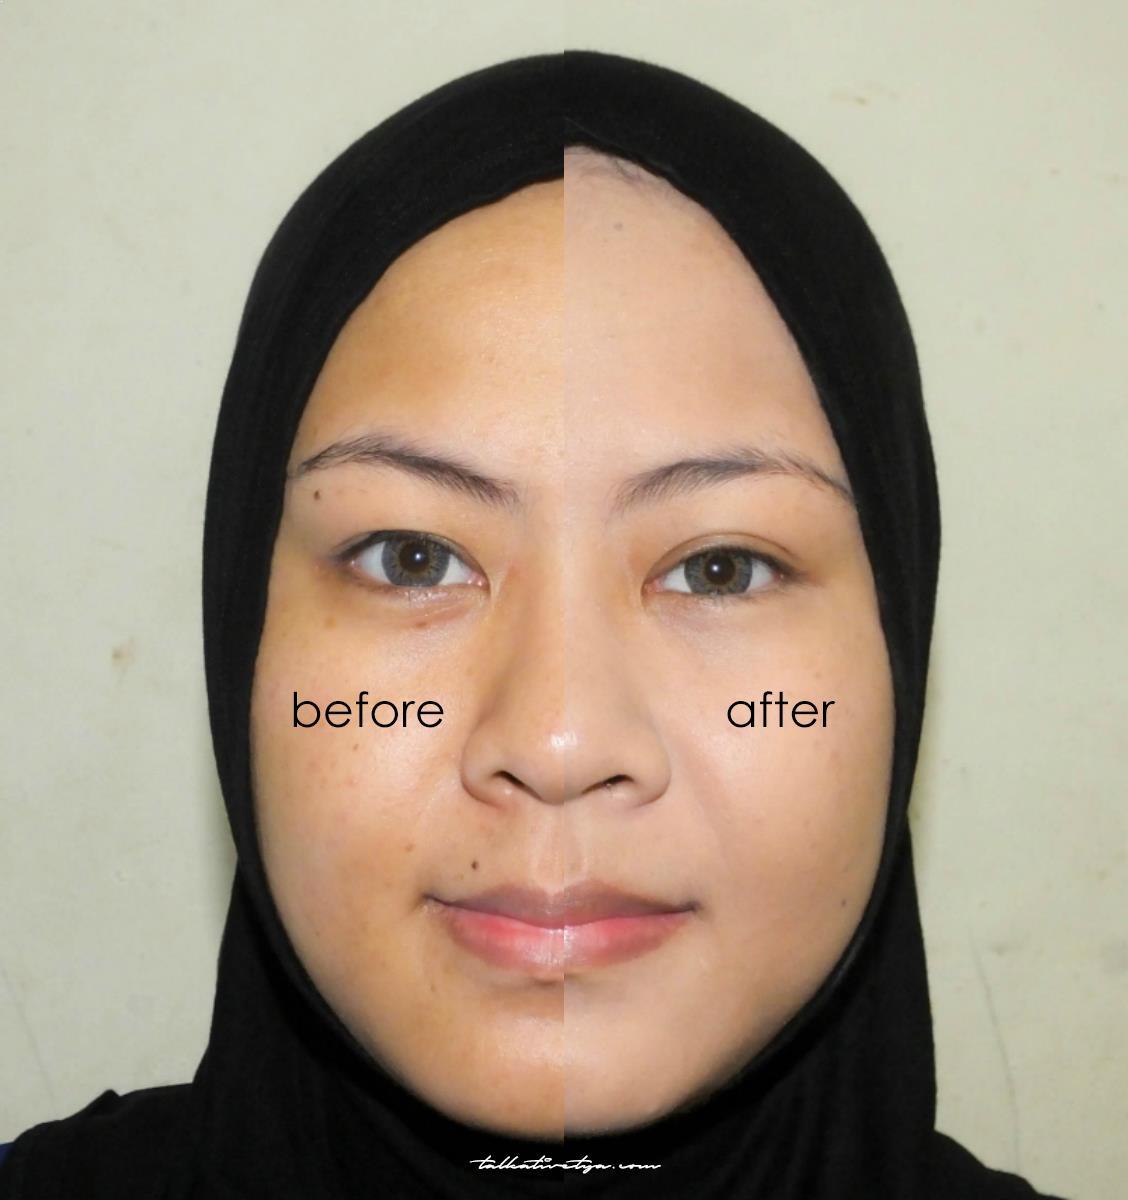 Ultima Ii Delicate Creme Powder Make Up 13 Gr 04 Buff Daftar Translucent Face 24g Before Dan After Penggunaan